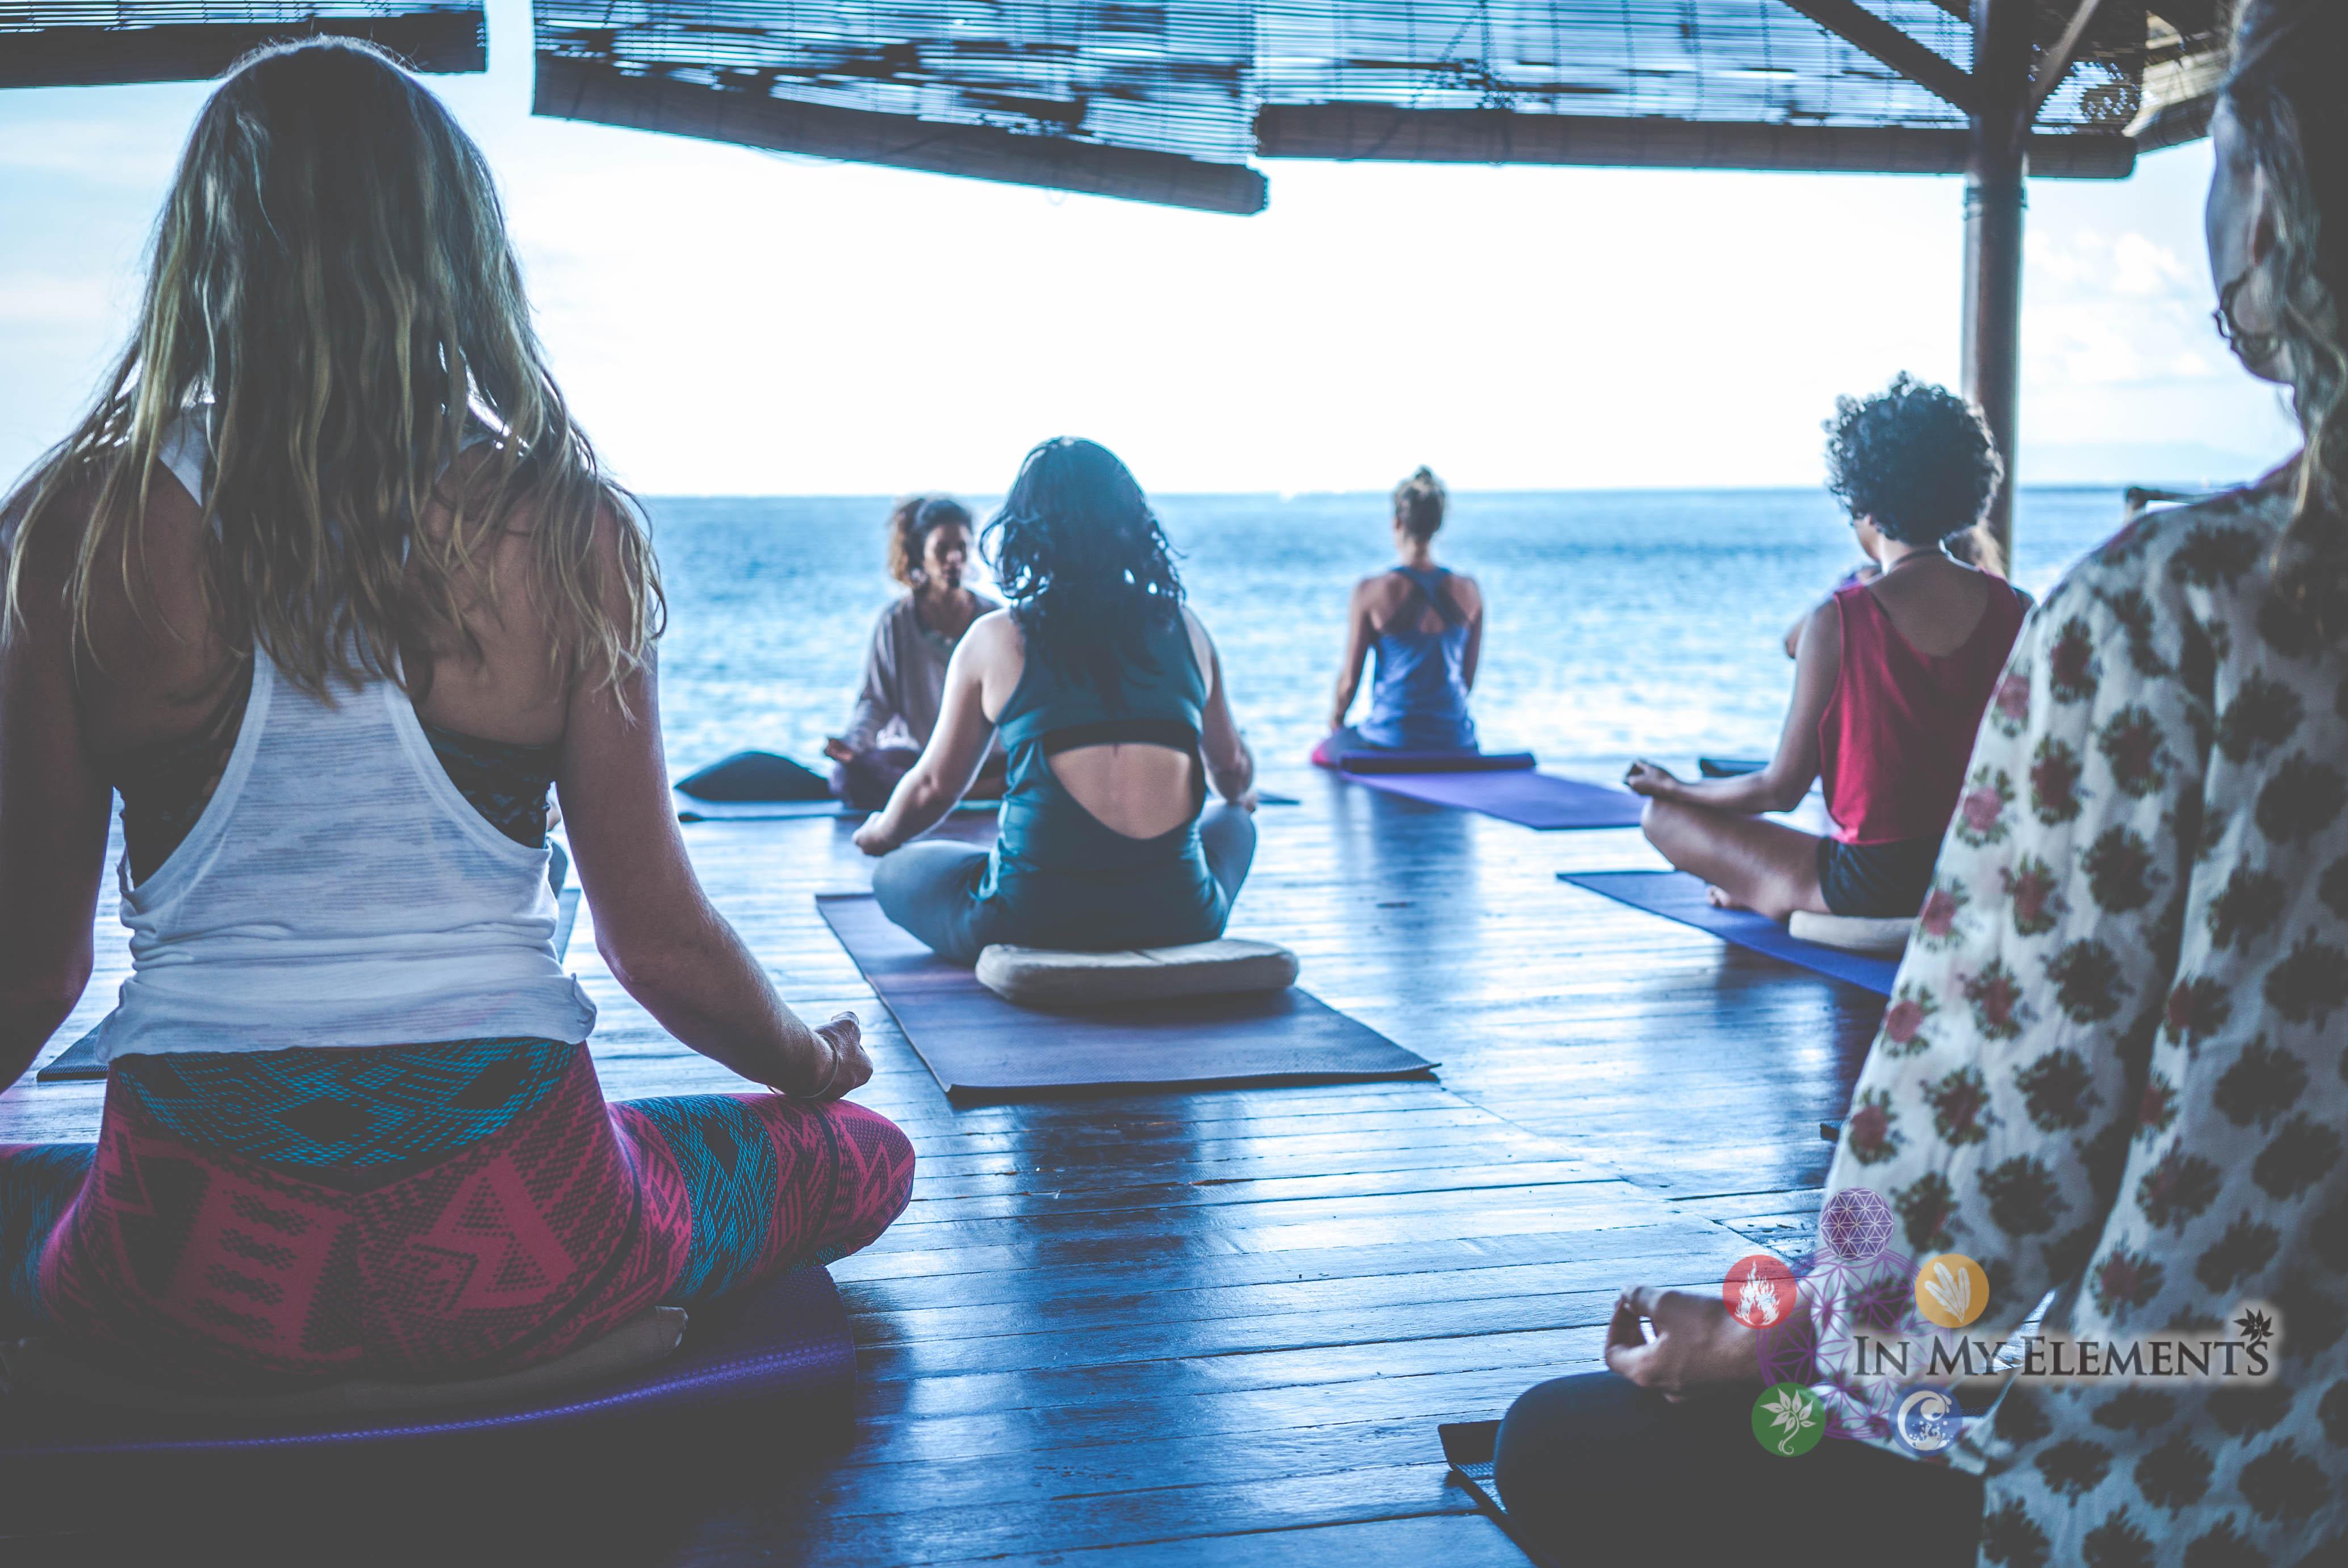 Yoga practice in Bali